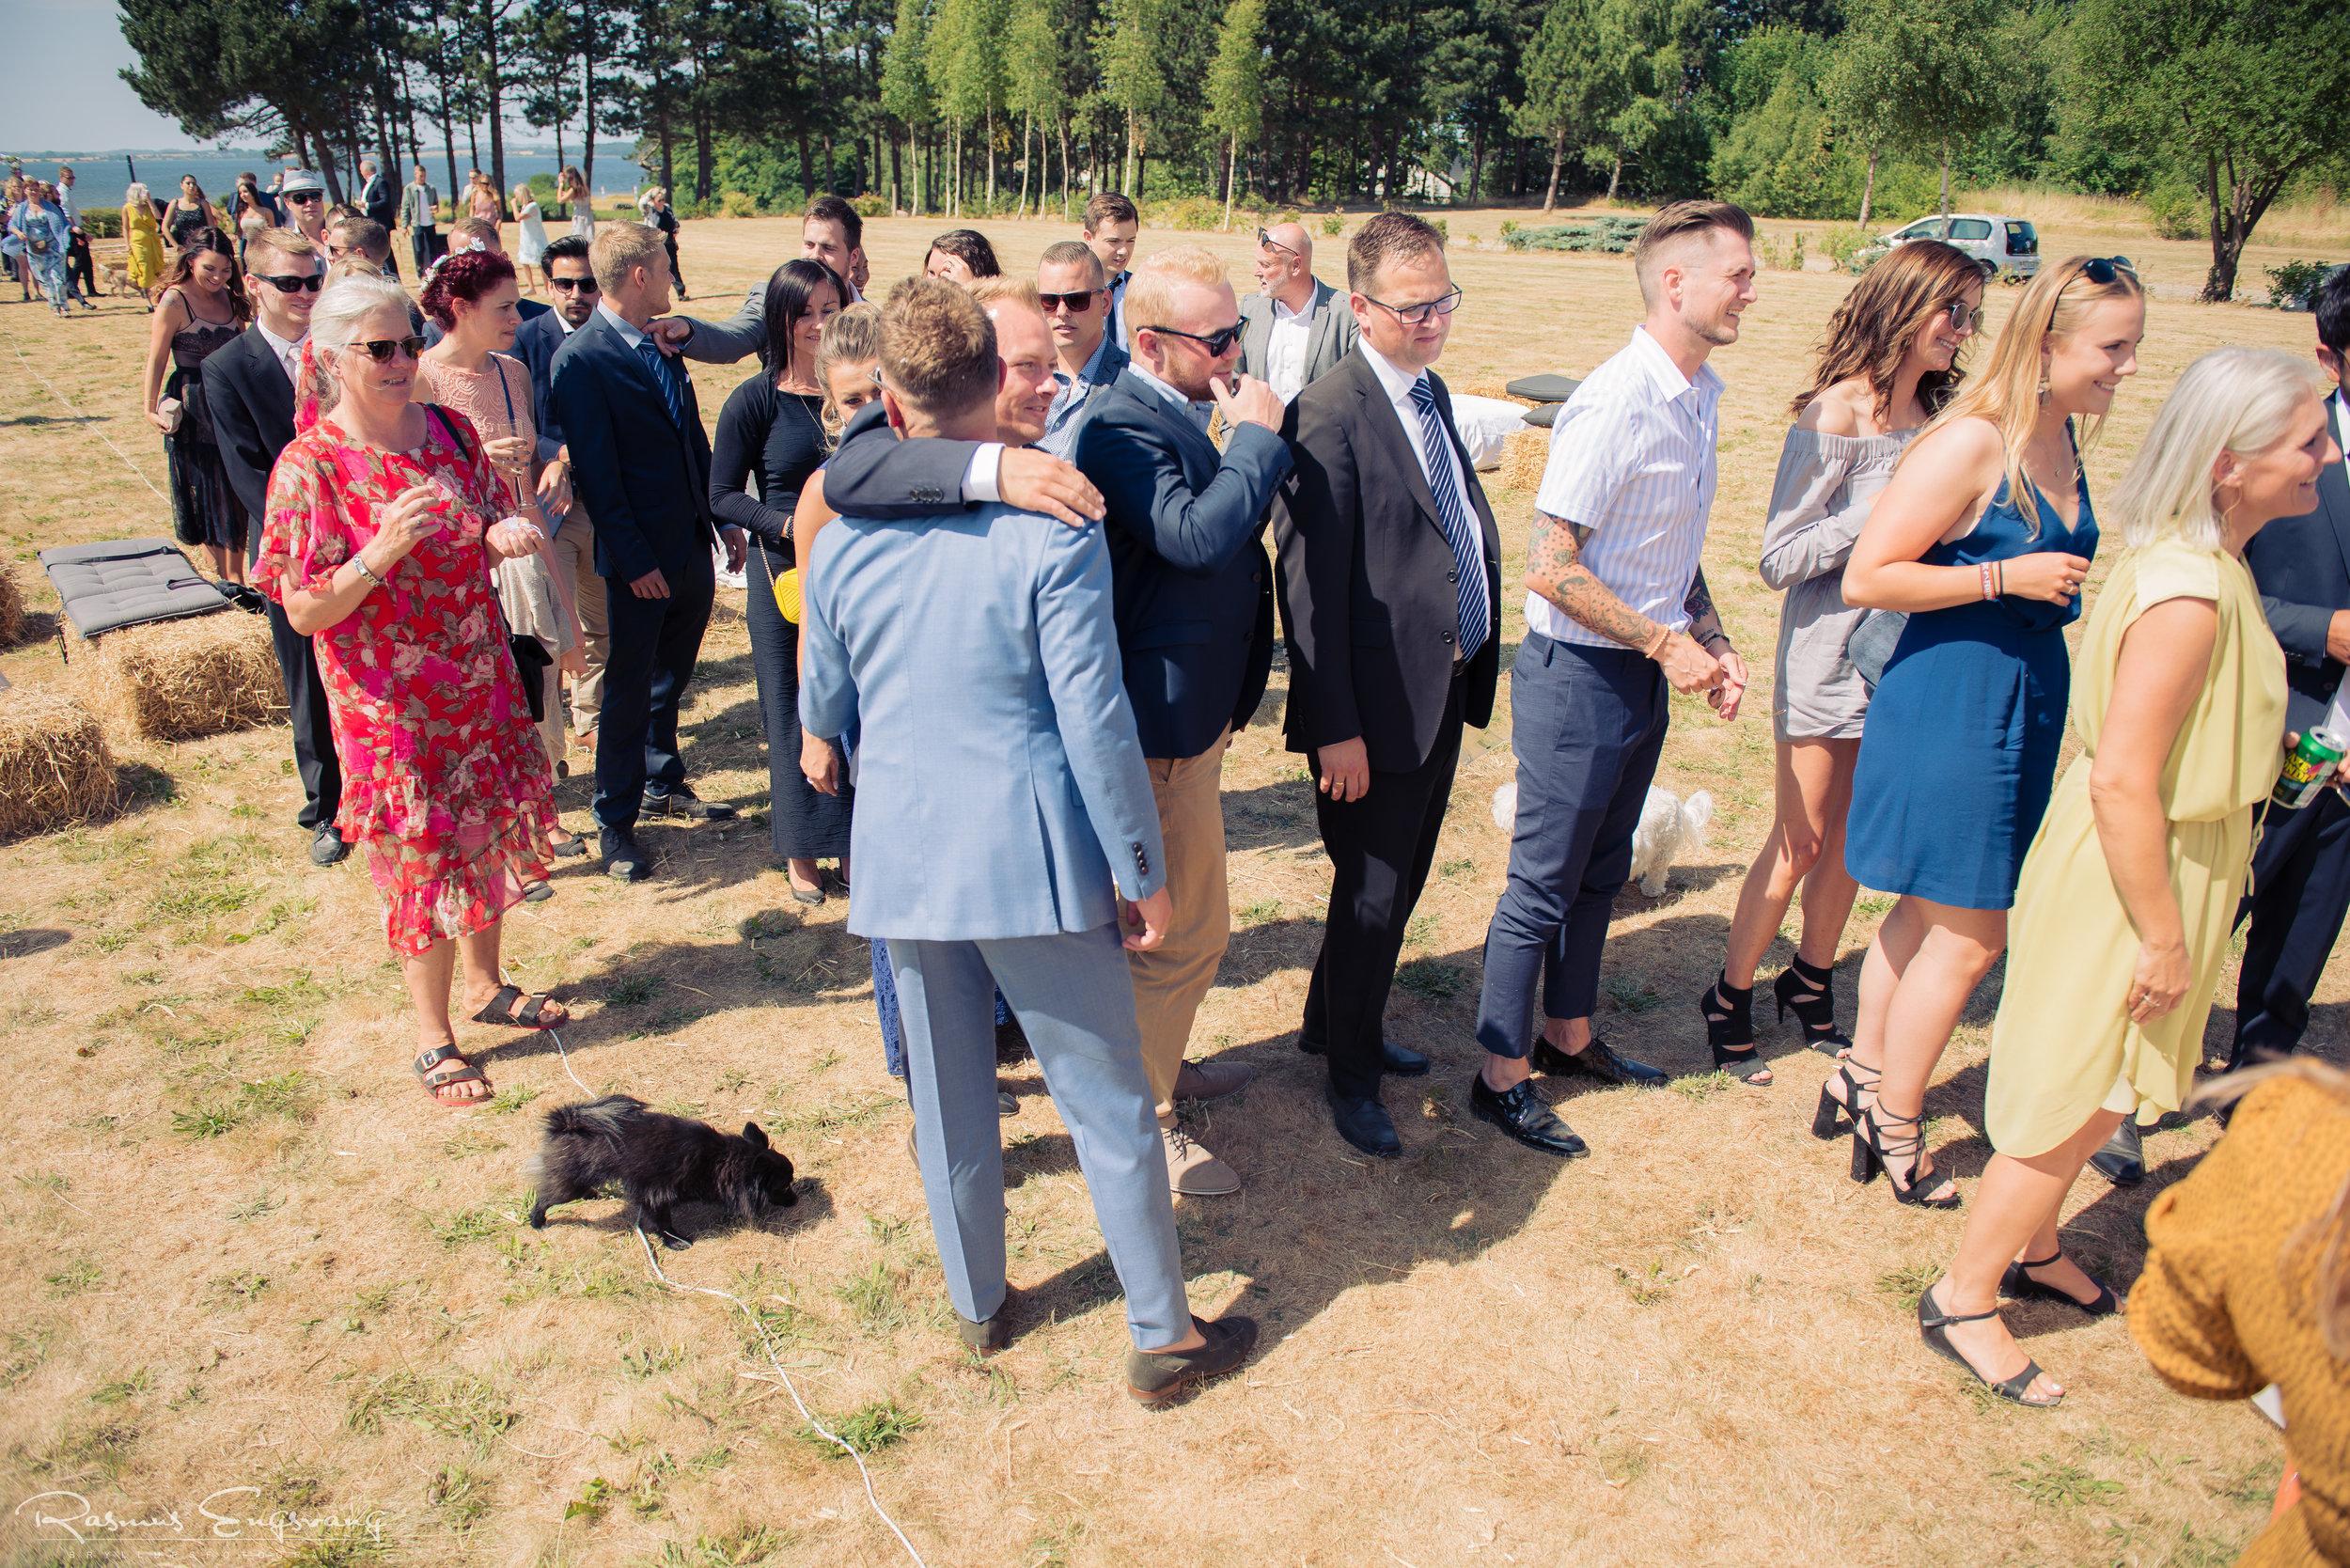 Roskilde_fotograf_til_bryllup-159.jpg